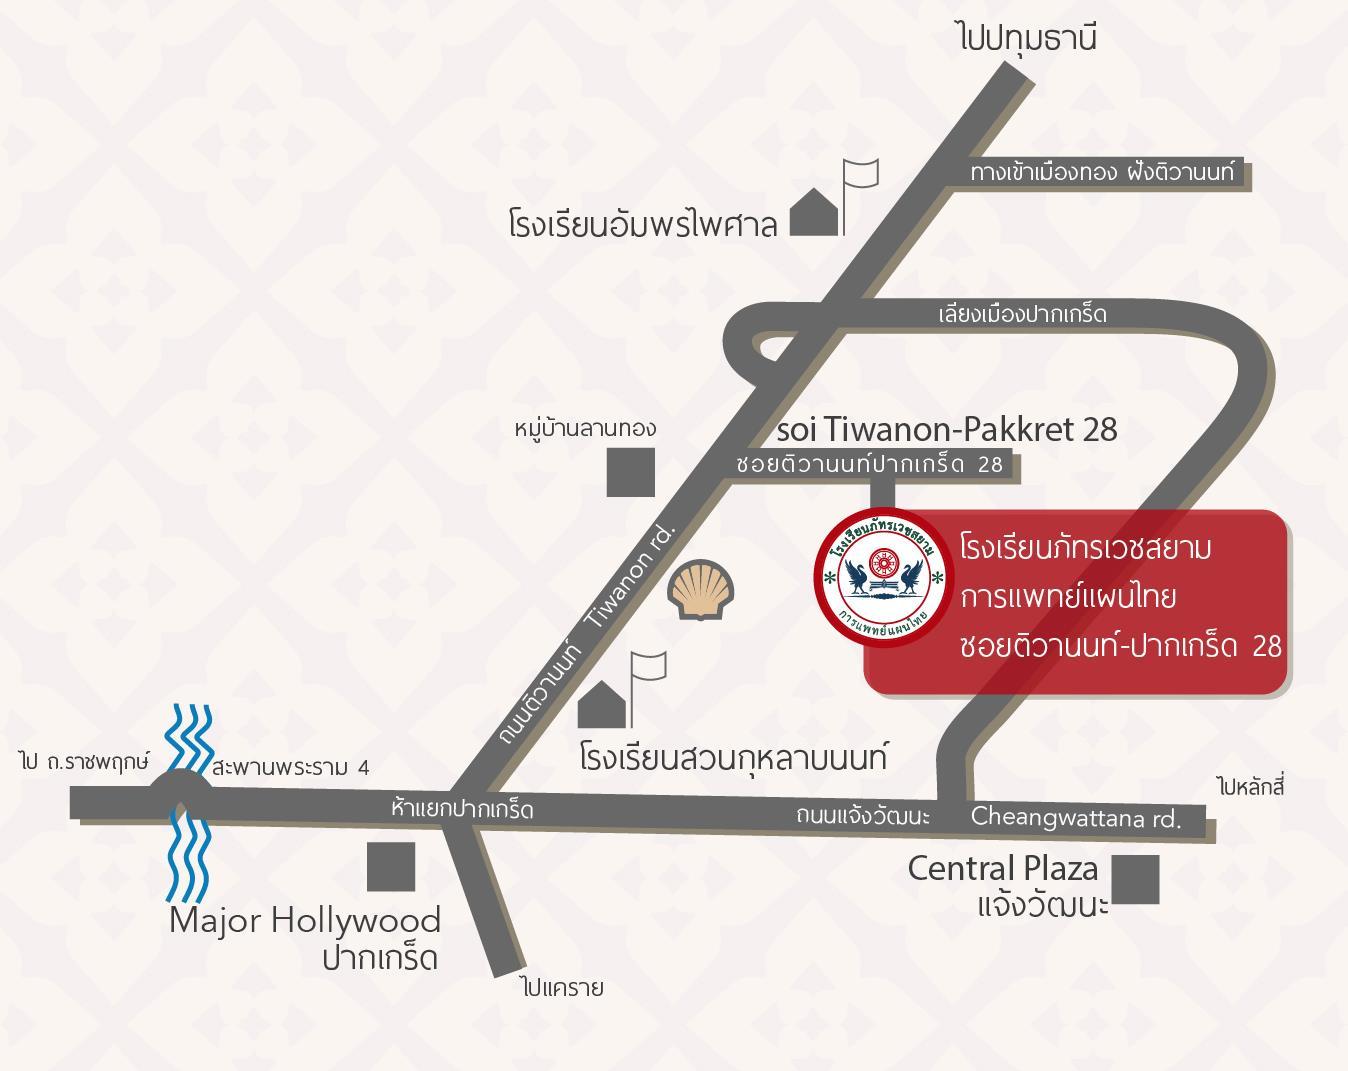 แผนที่โรงเรียนภัทรเวชสยามการแพทย์แผนไทย